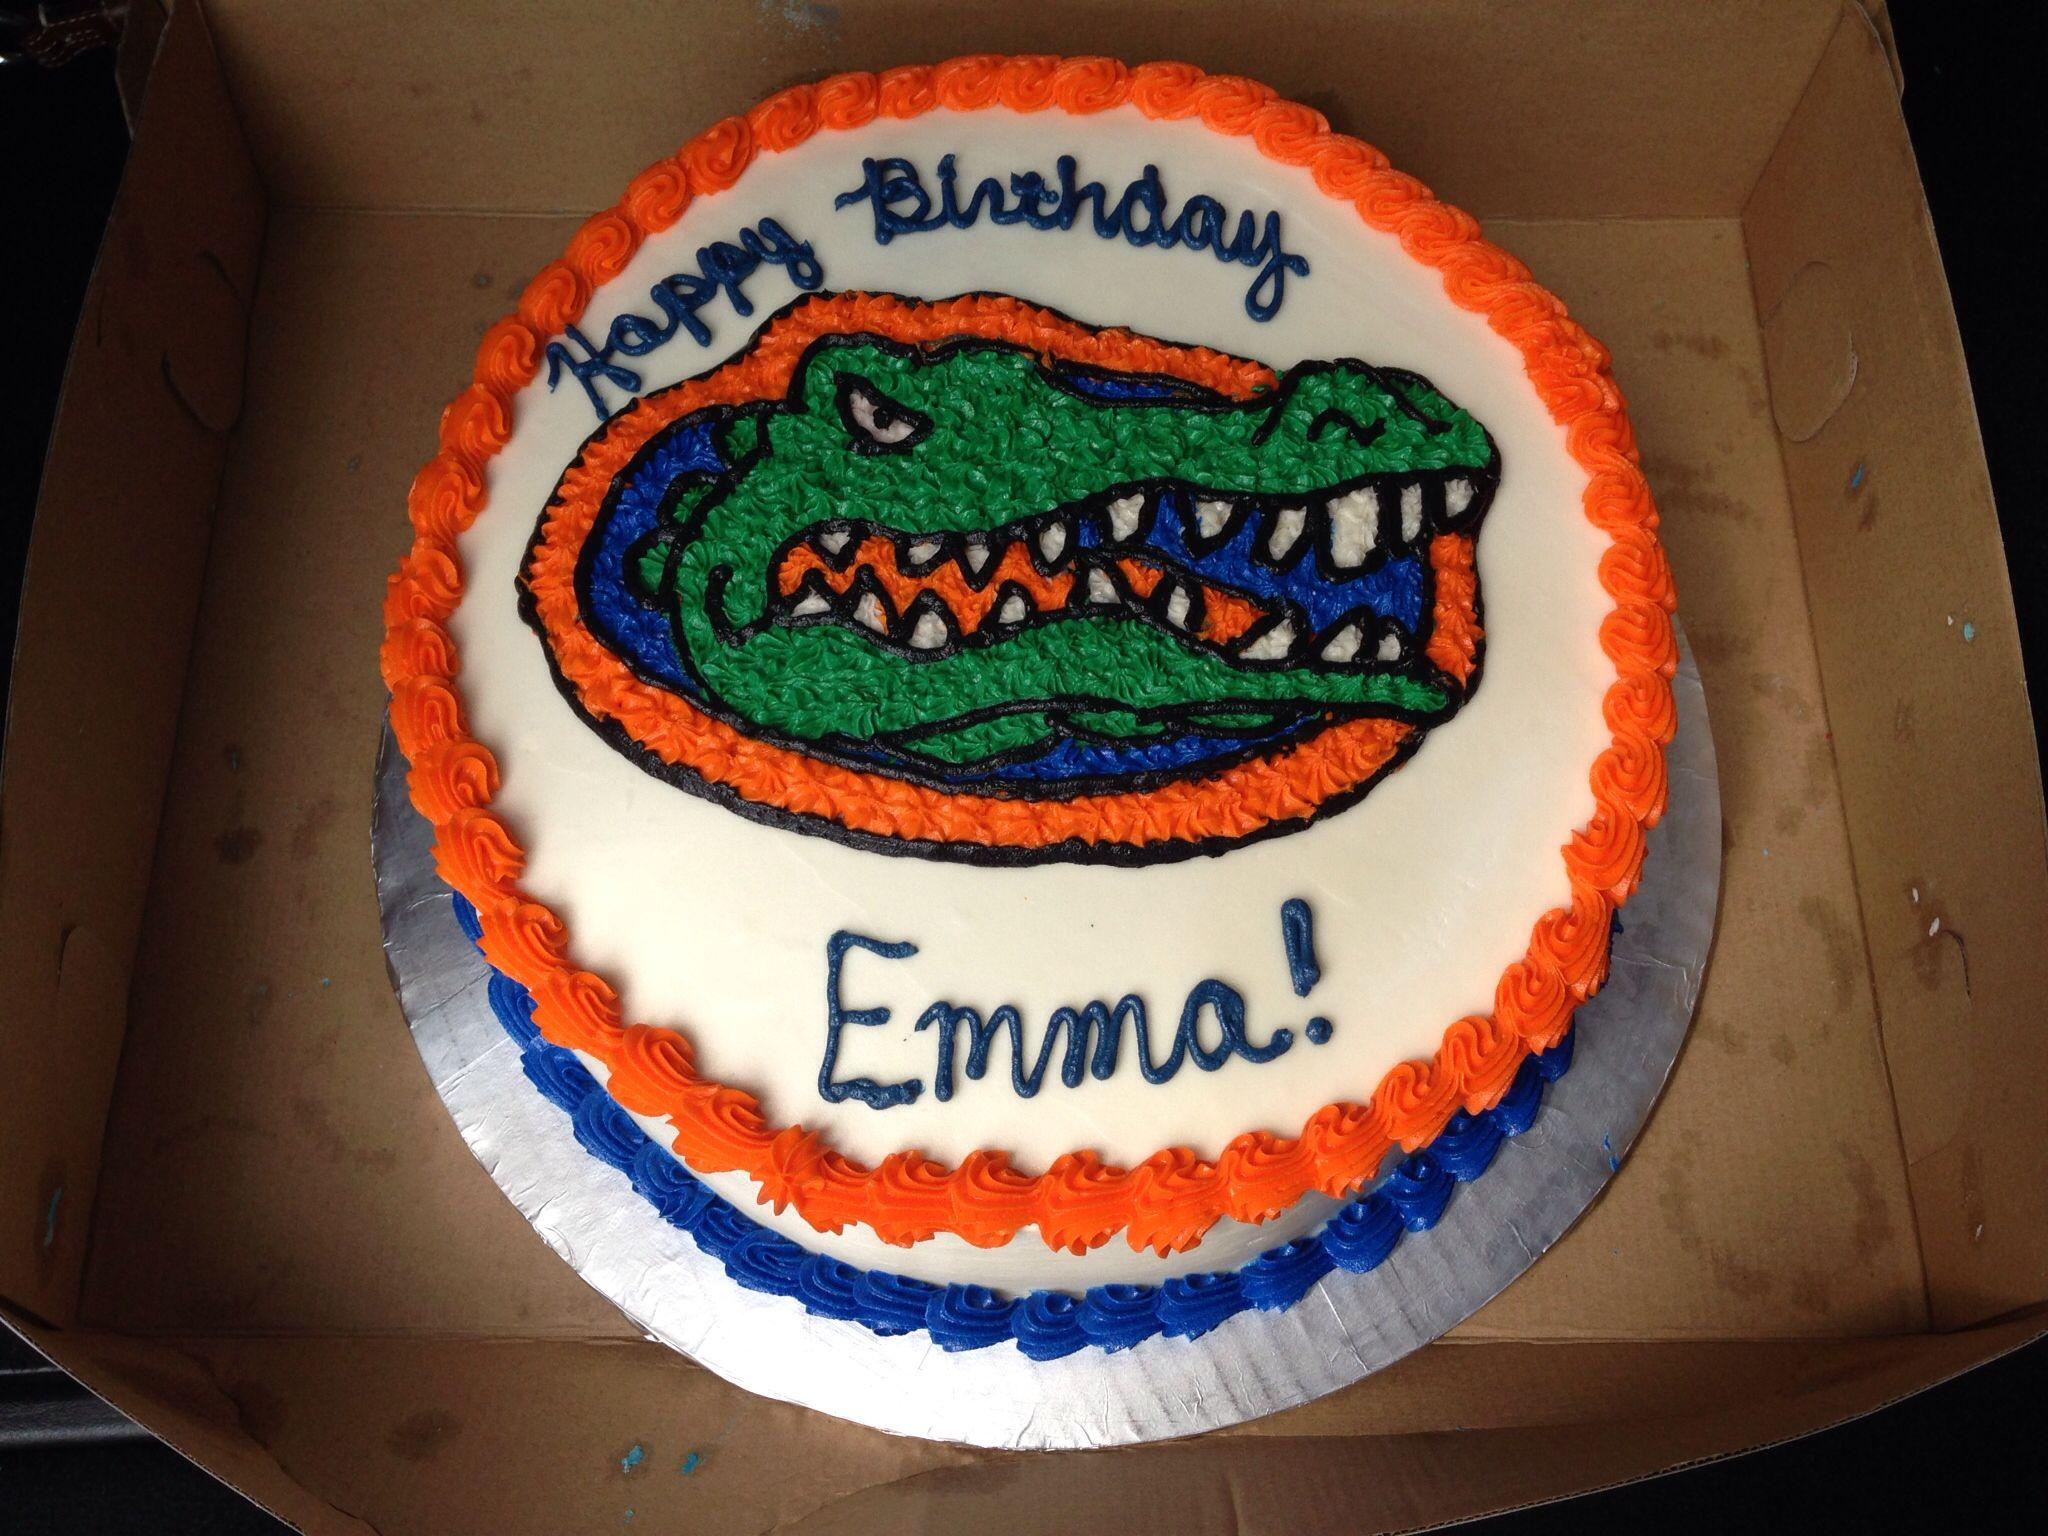 Florida Gator Cake My Cakes Pinterest Cake Florida Gators And